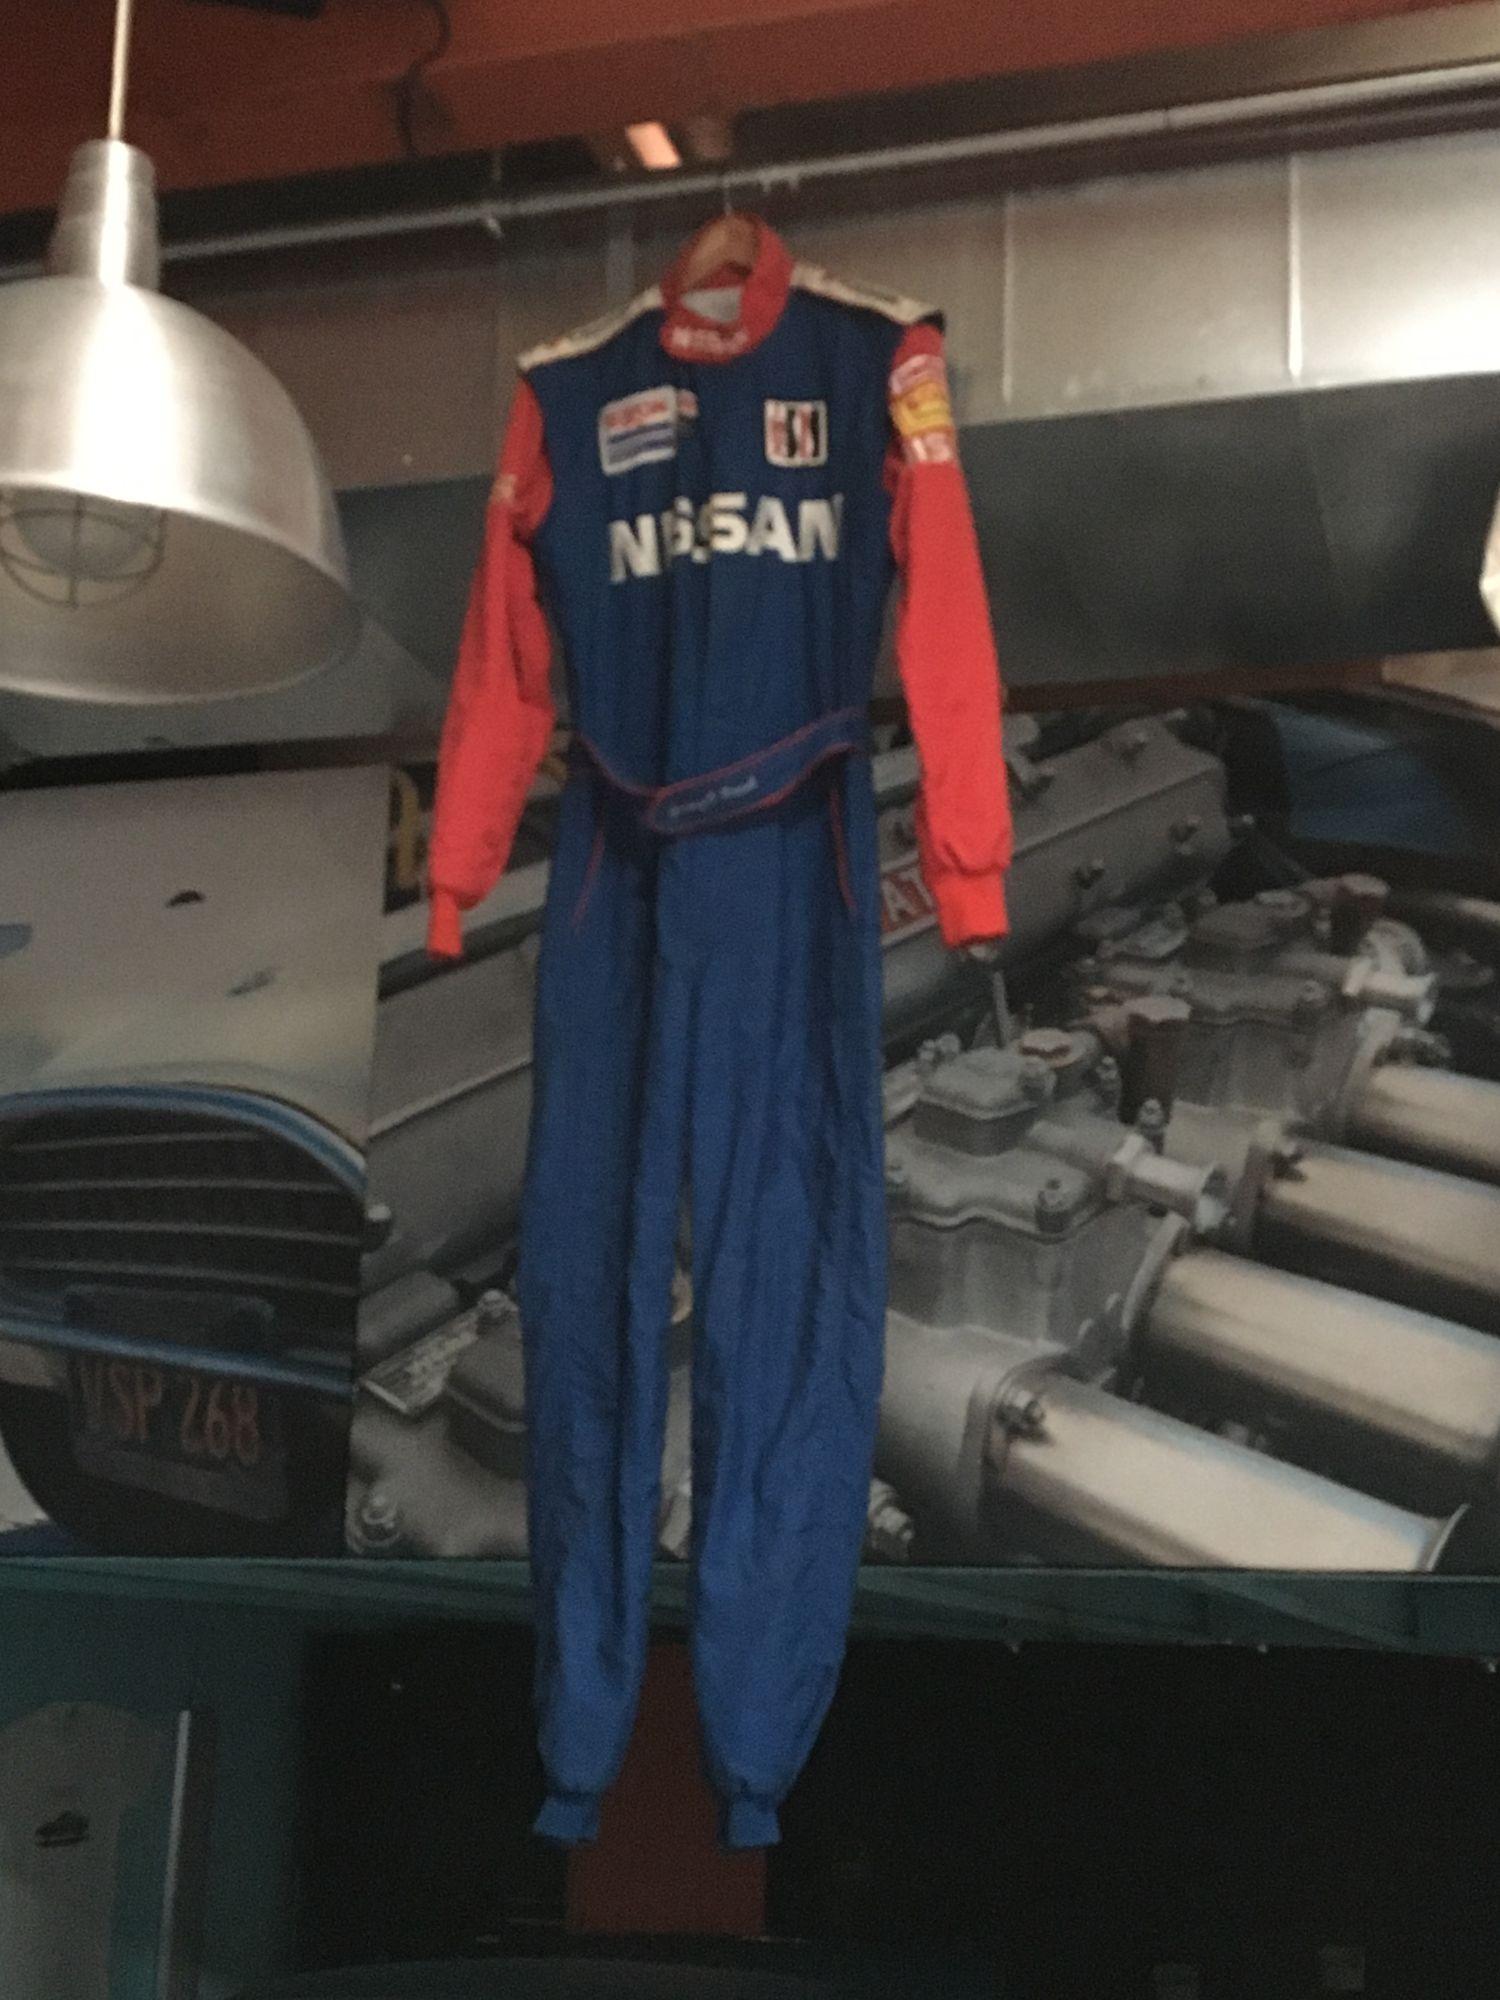 Nissan Firesuit